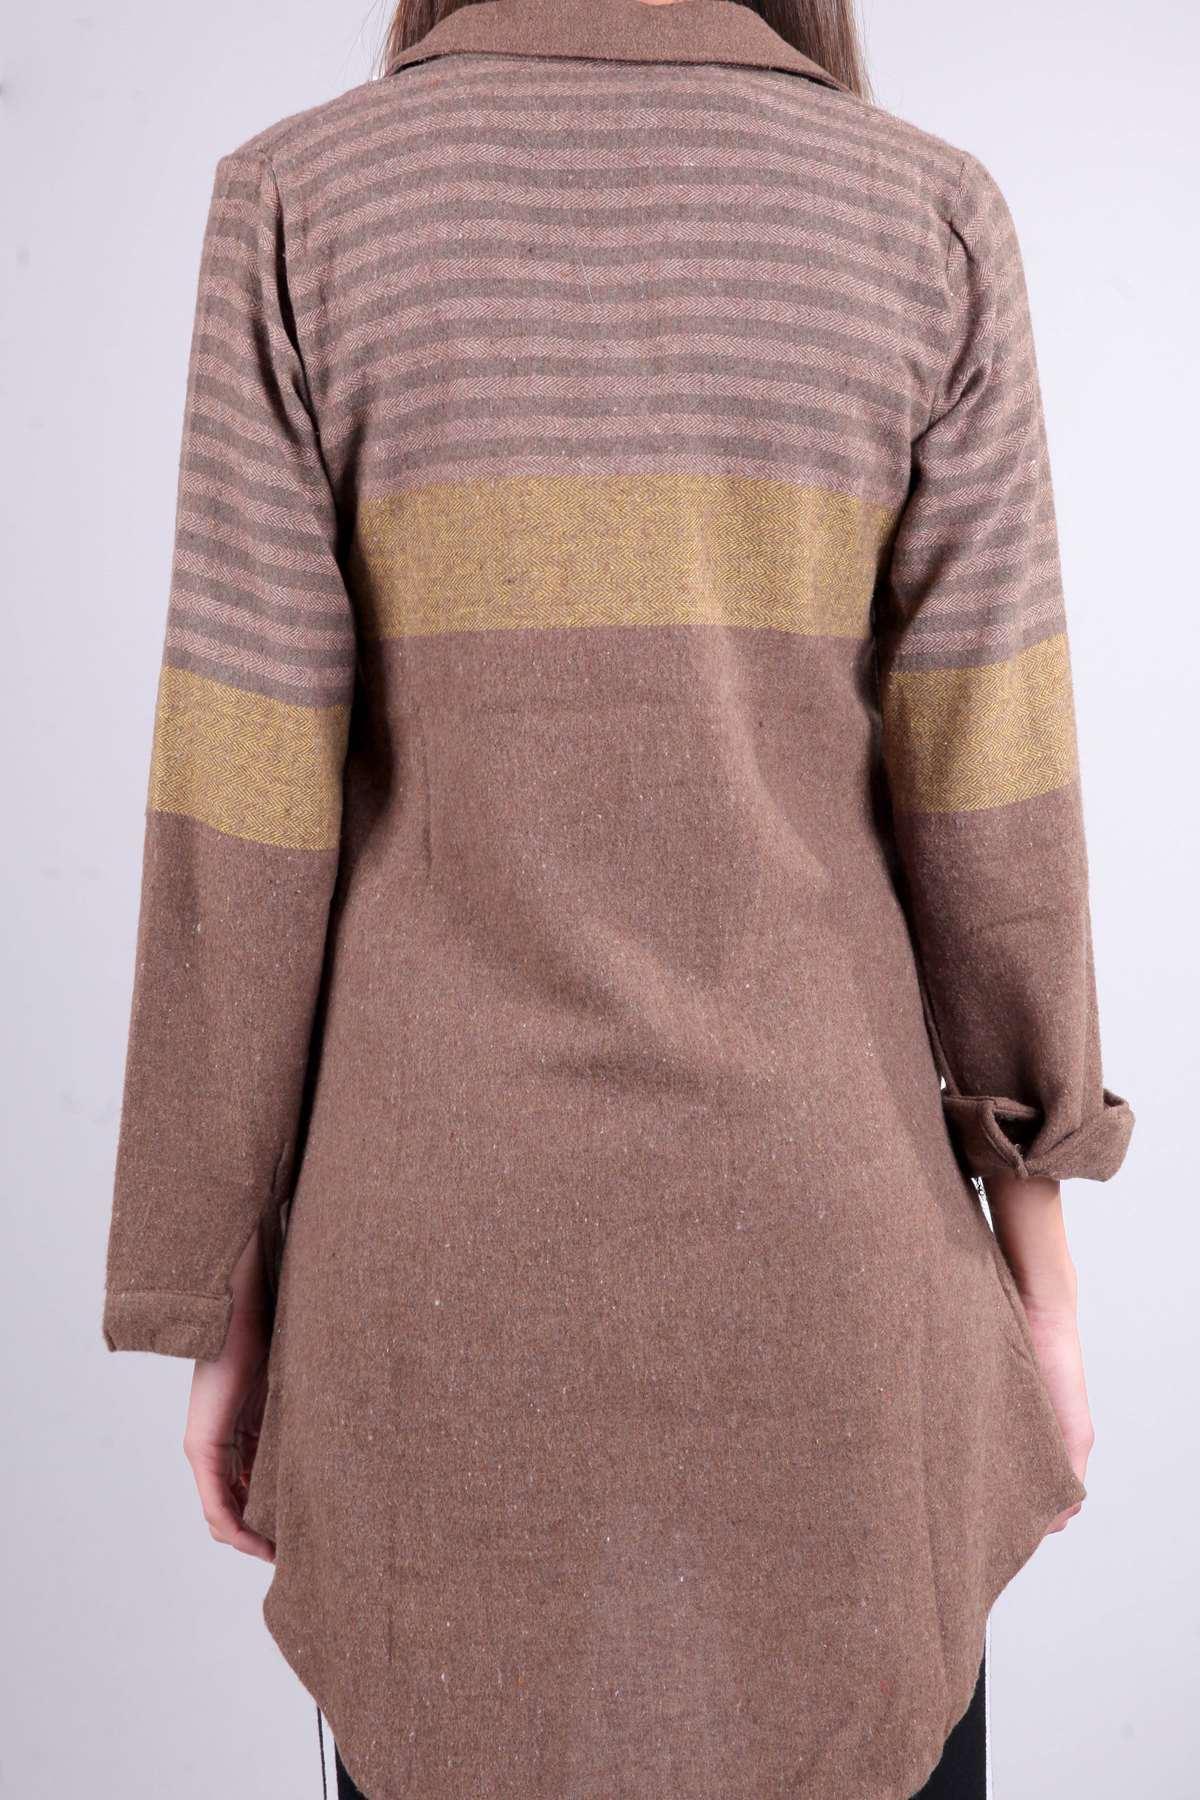 Yün İpli Balık Sırtı Model Enine Çizgili Gömlek Kahve- Hardal